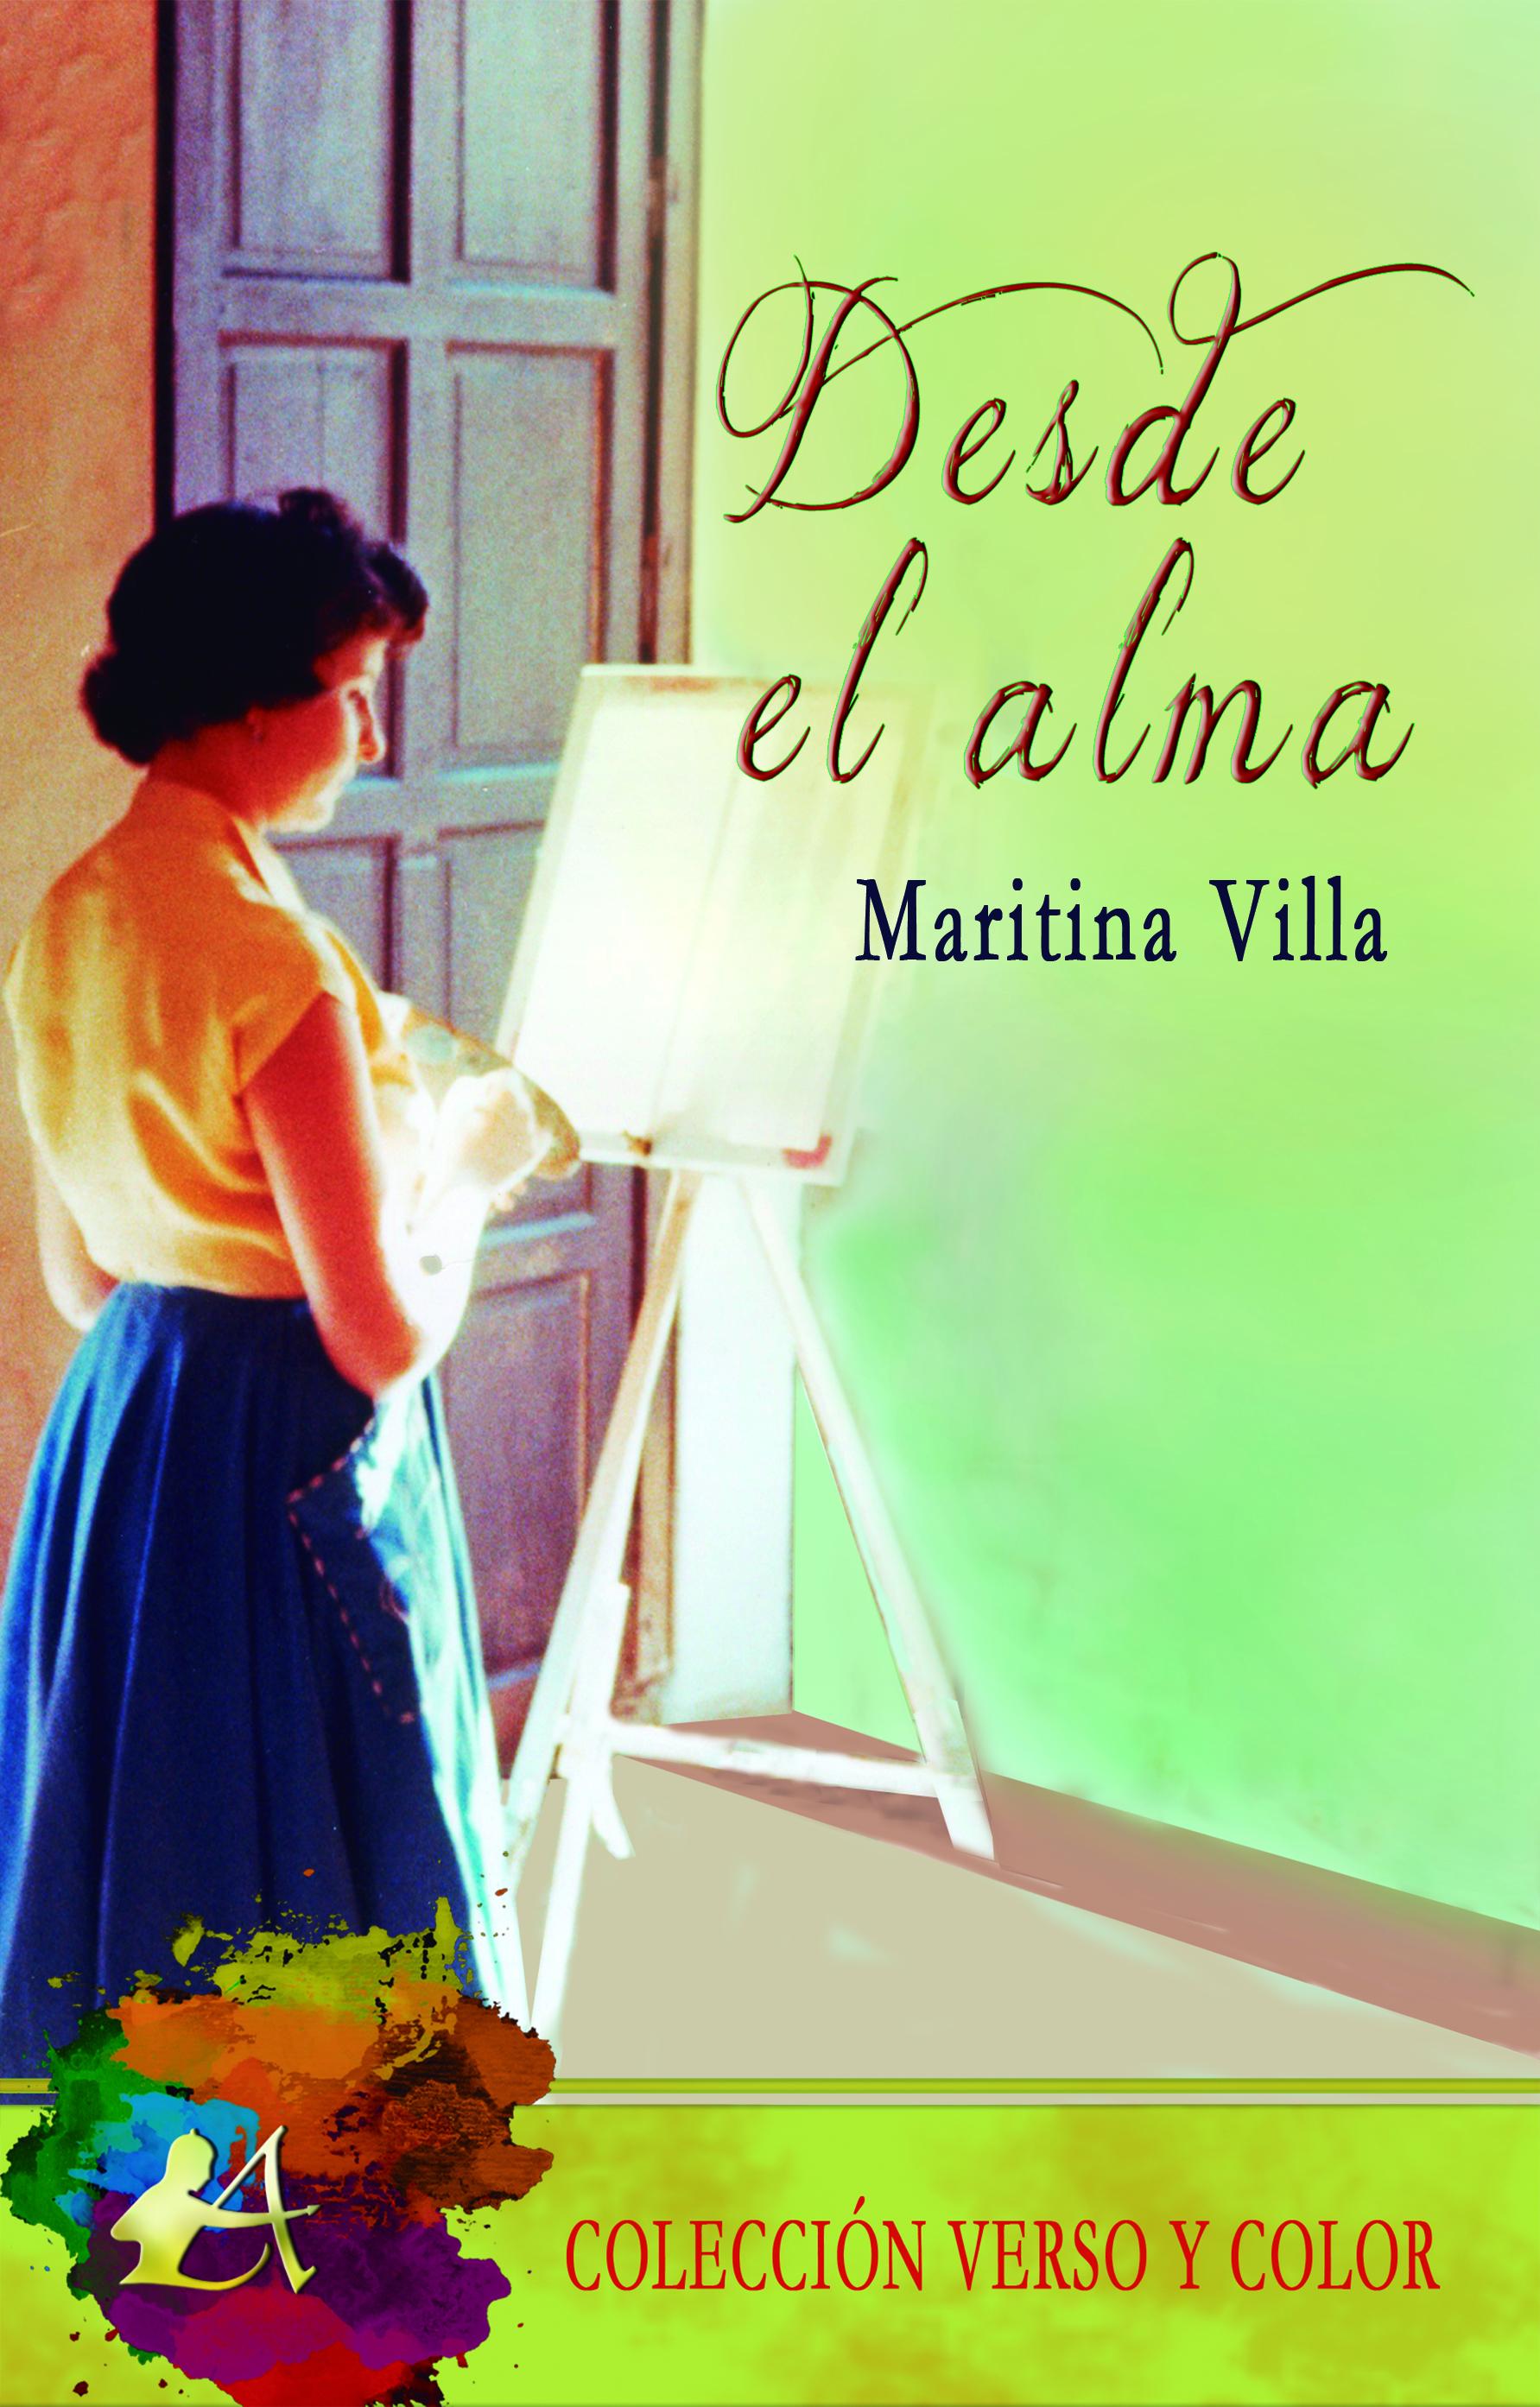 Portada del libro Desde el alma de Maritina Villa. Editorial Adarve, Escritores de hoy